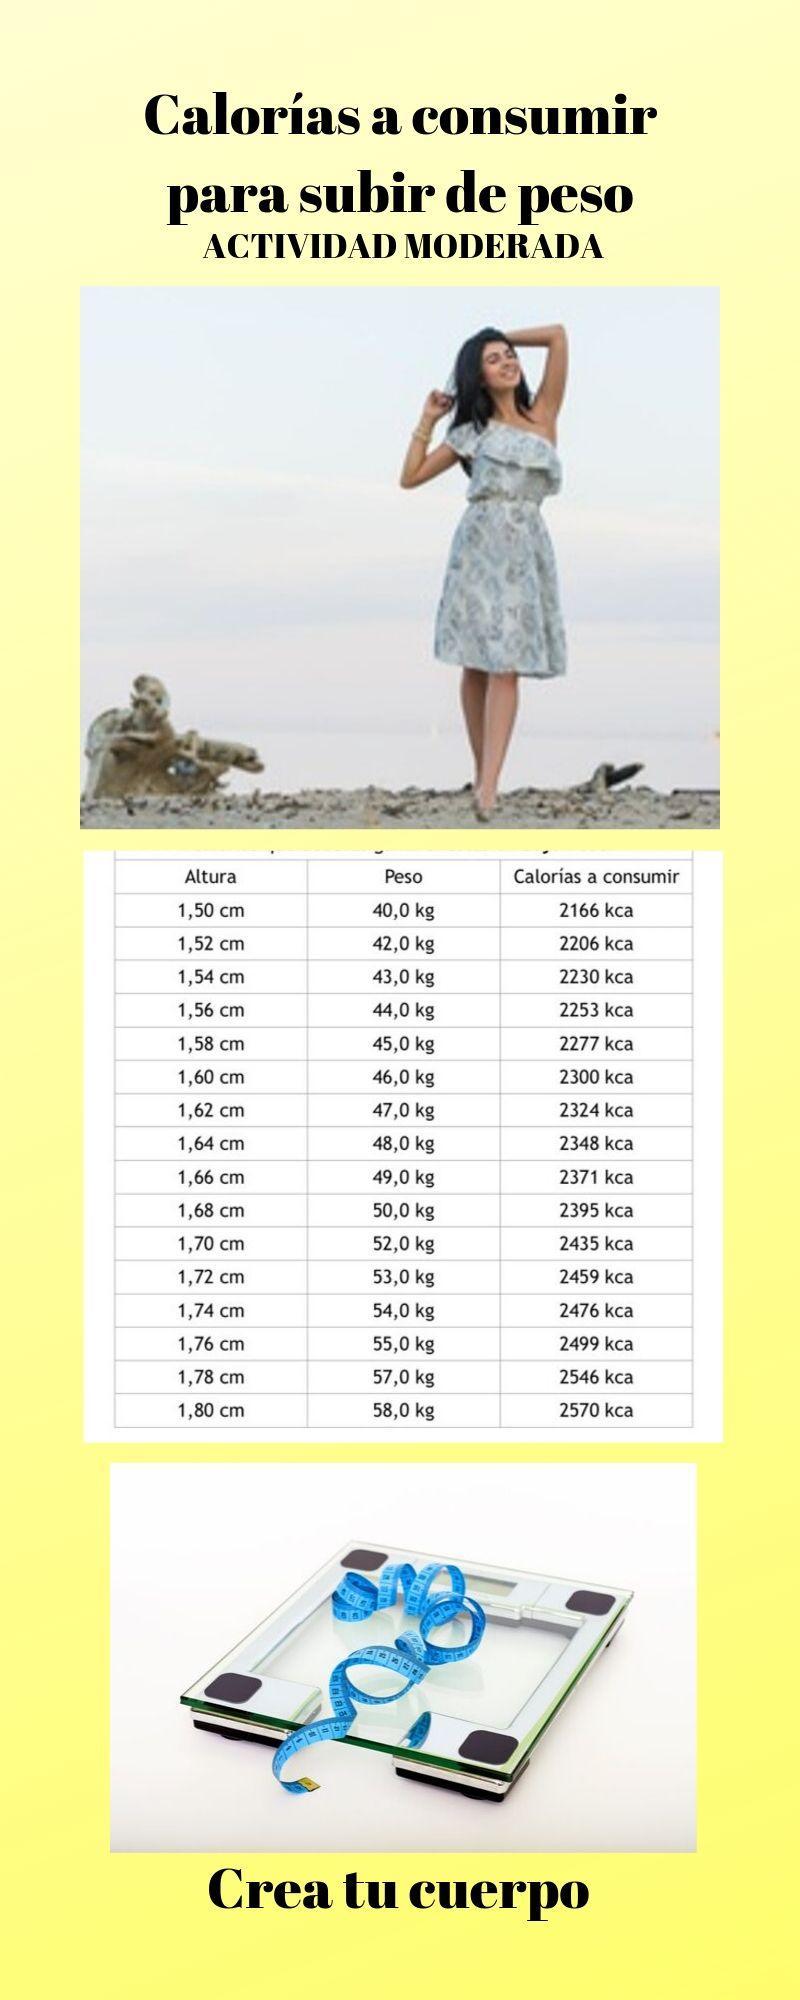 tabla para subir de peso con una actividad física moderada